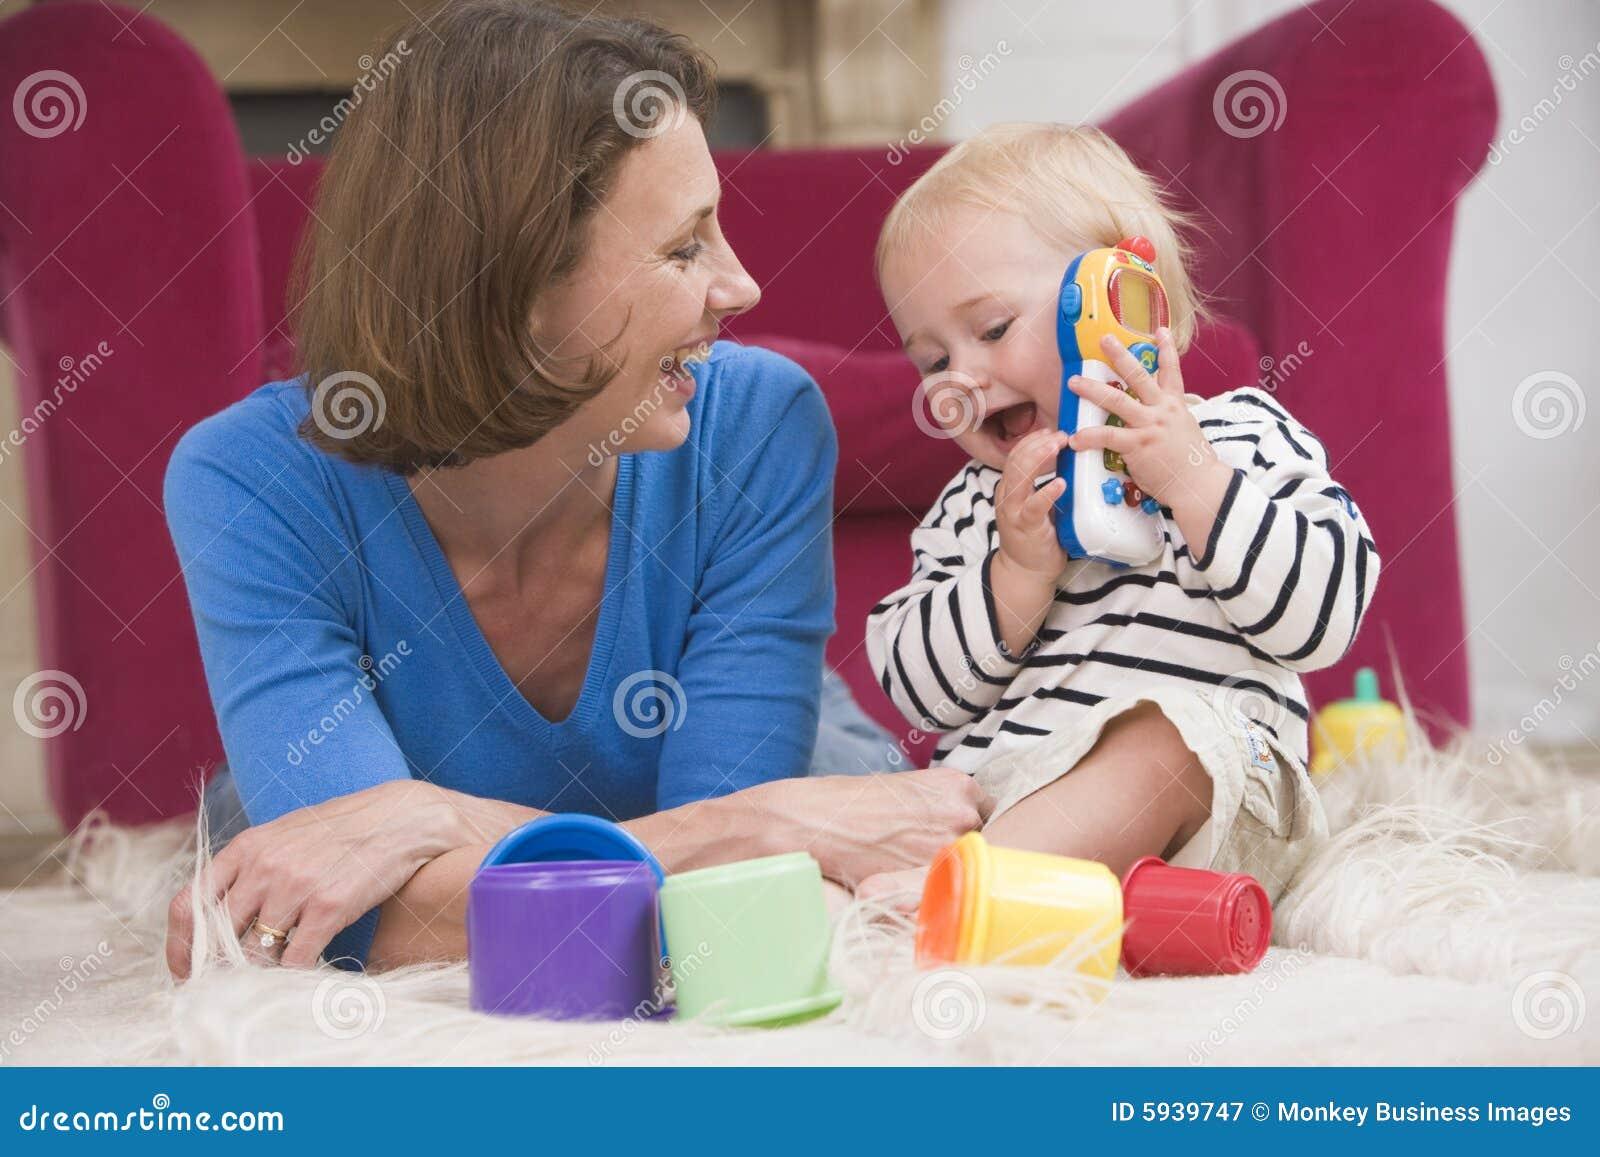 Matka utrzymania dziecka odgrywa pokój